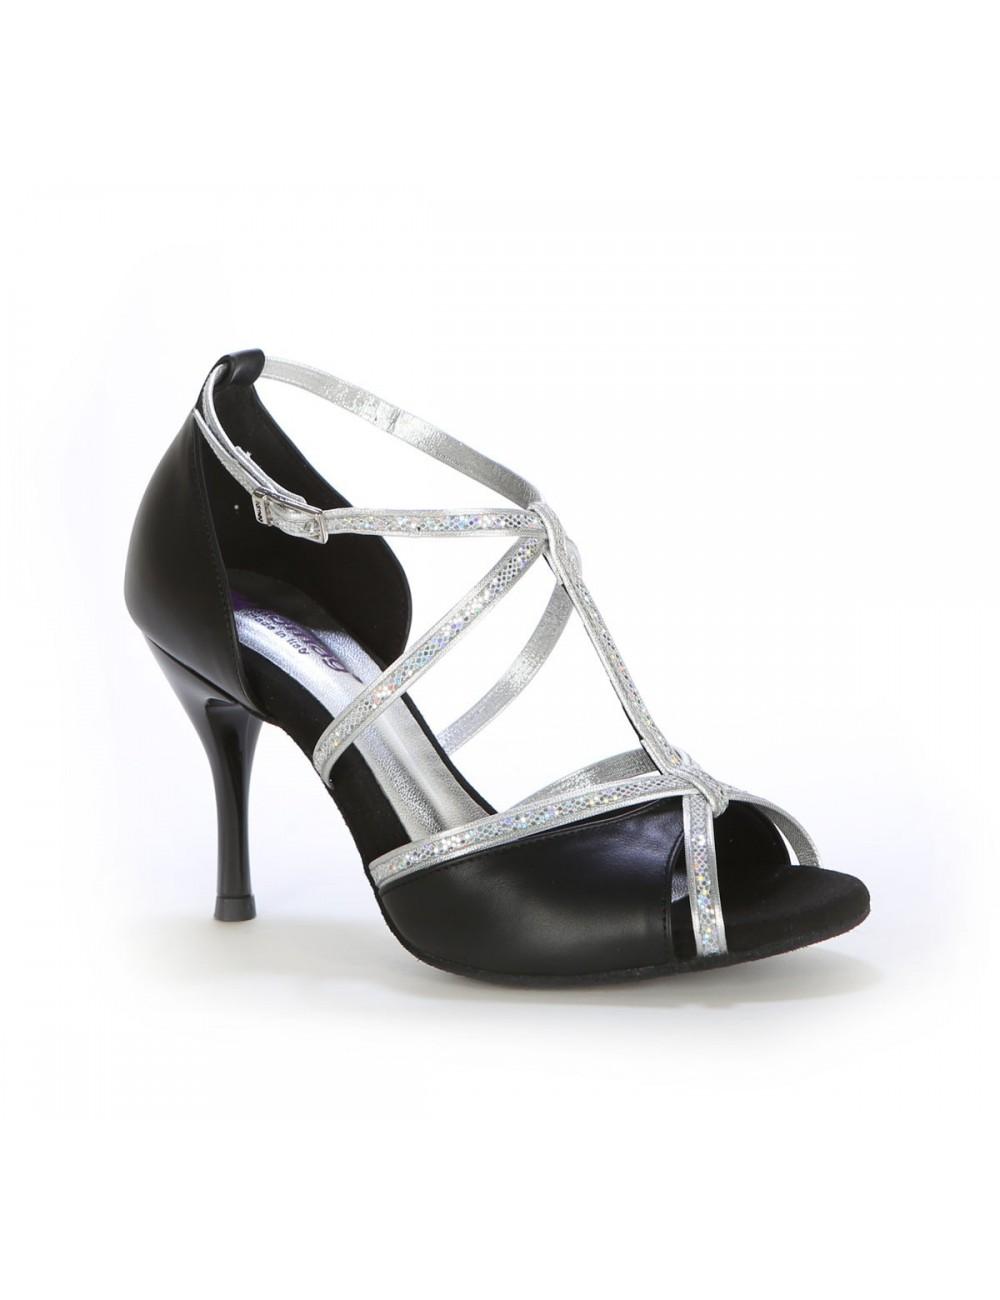 229331c4a Zapatos de salsa mujer elegantes hechos en Italia de maxima calidad en  Carolmartinezdanceshoes, tu tienda de zapatos de baile de salon online.